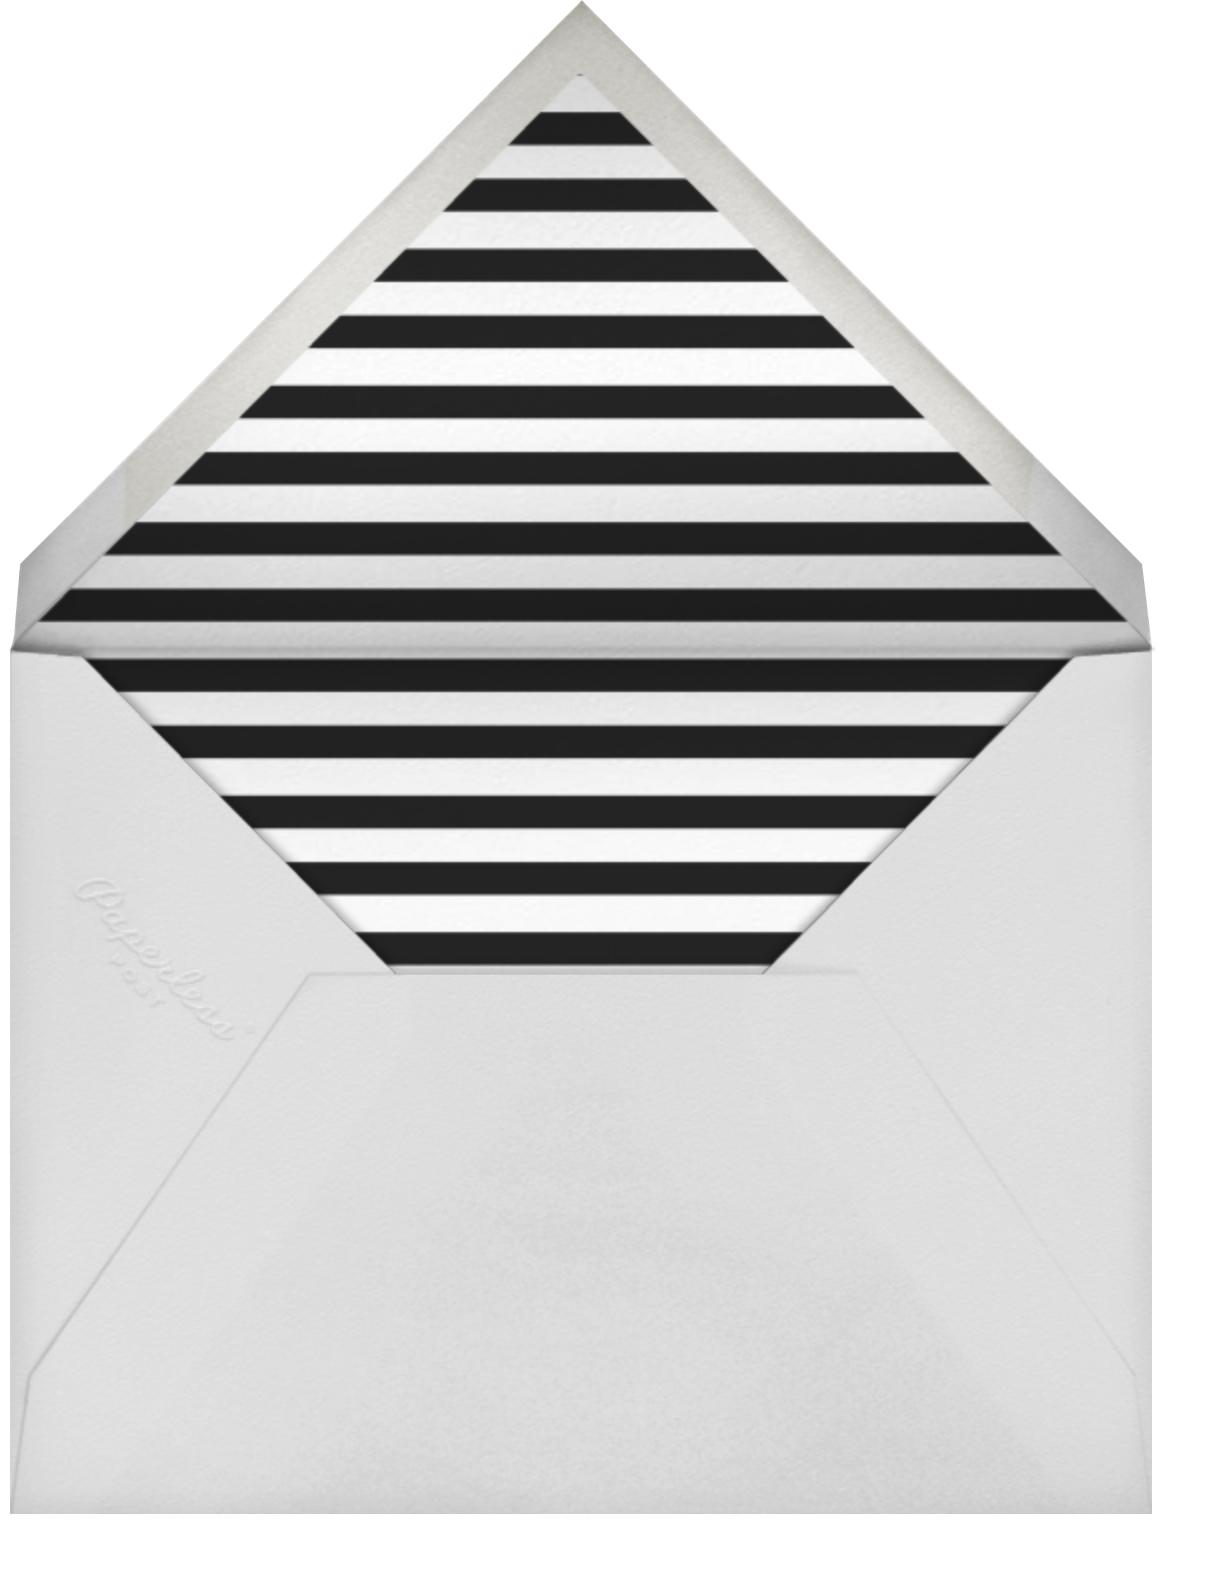 Scalloped Border - Black - kate spade new york - Adult birthday - envelope back